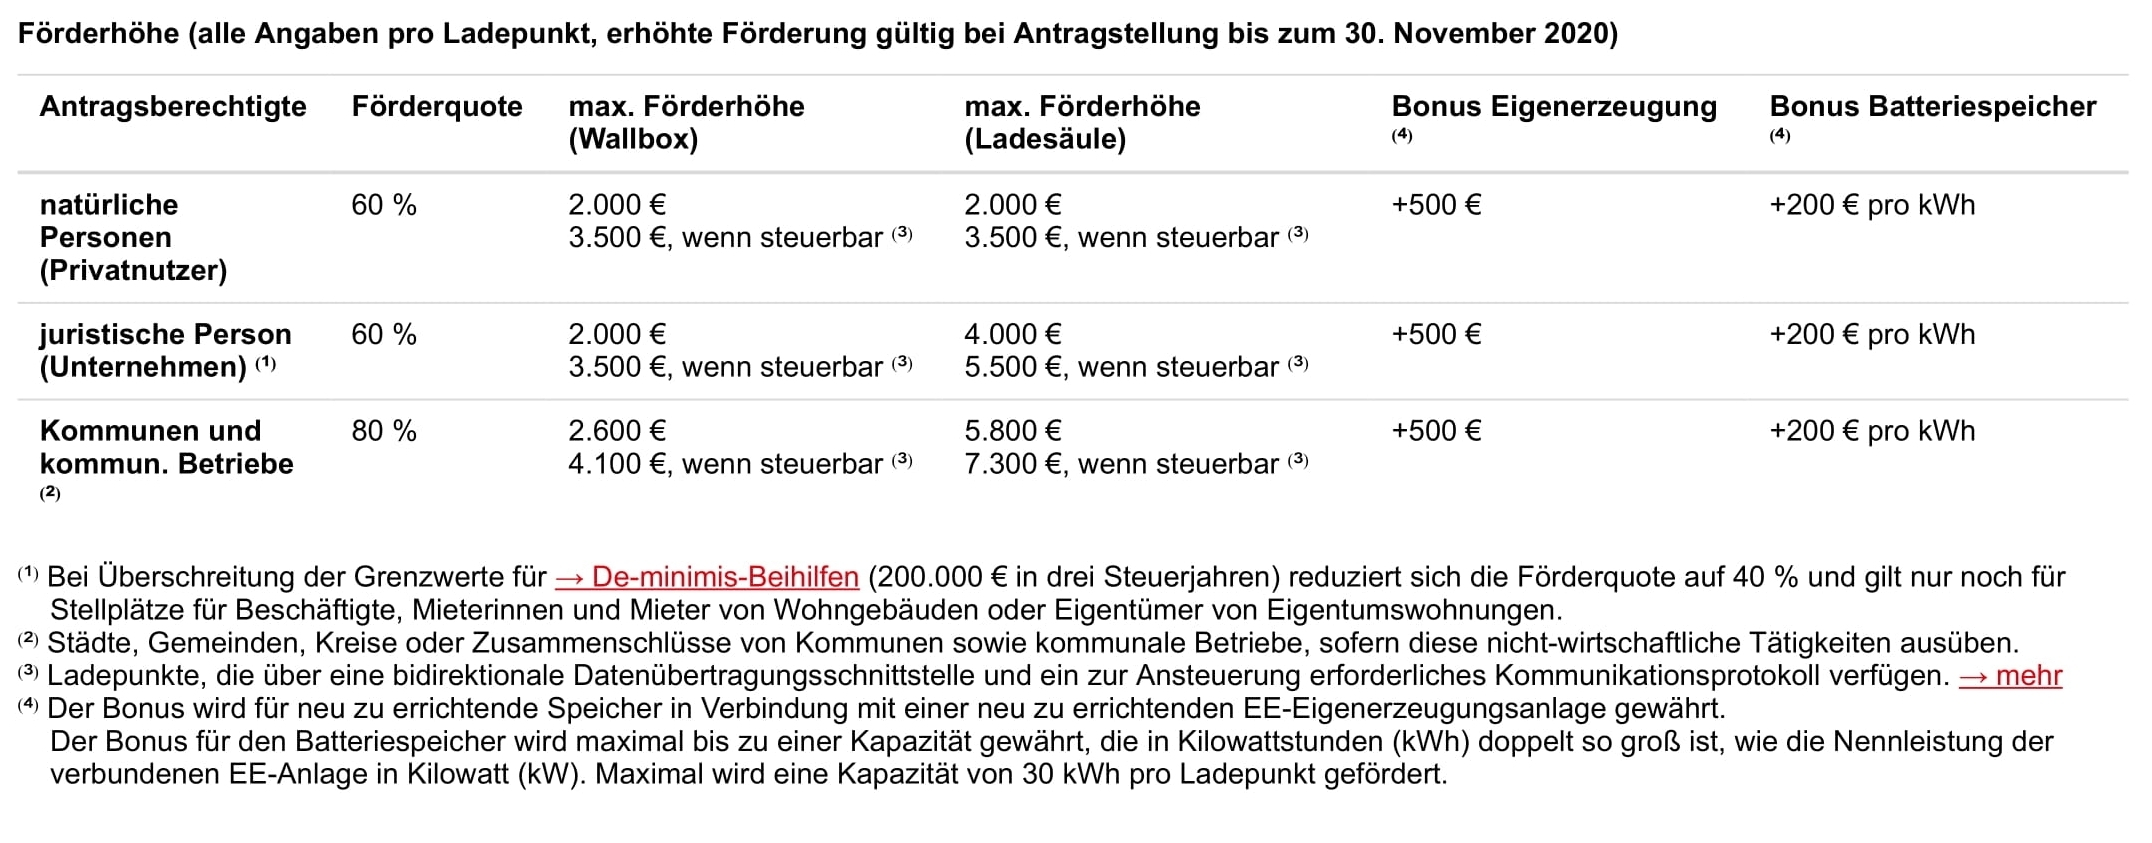 AAA-Nicht-öffentlich-zugängliche-Ladeinfrastruktur-_-ElektroMobilität-NRW-1.jpg